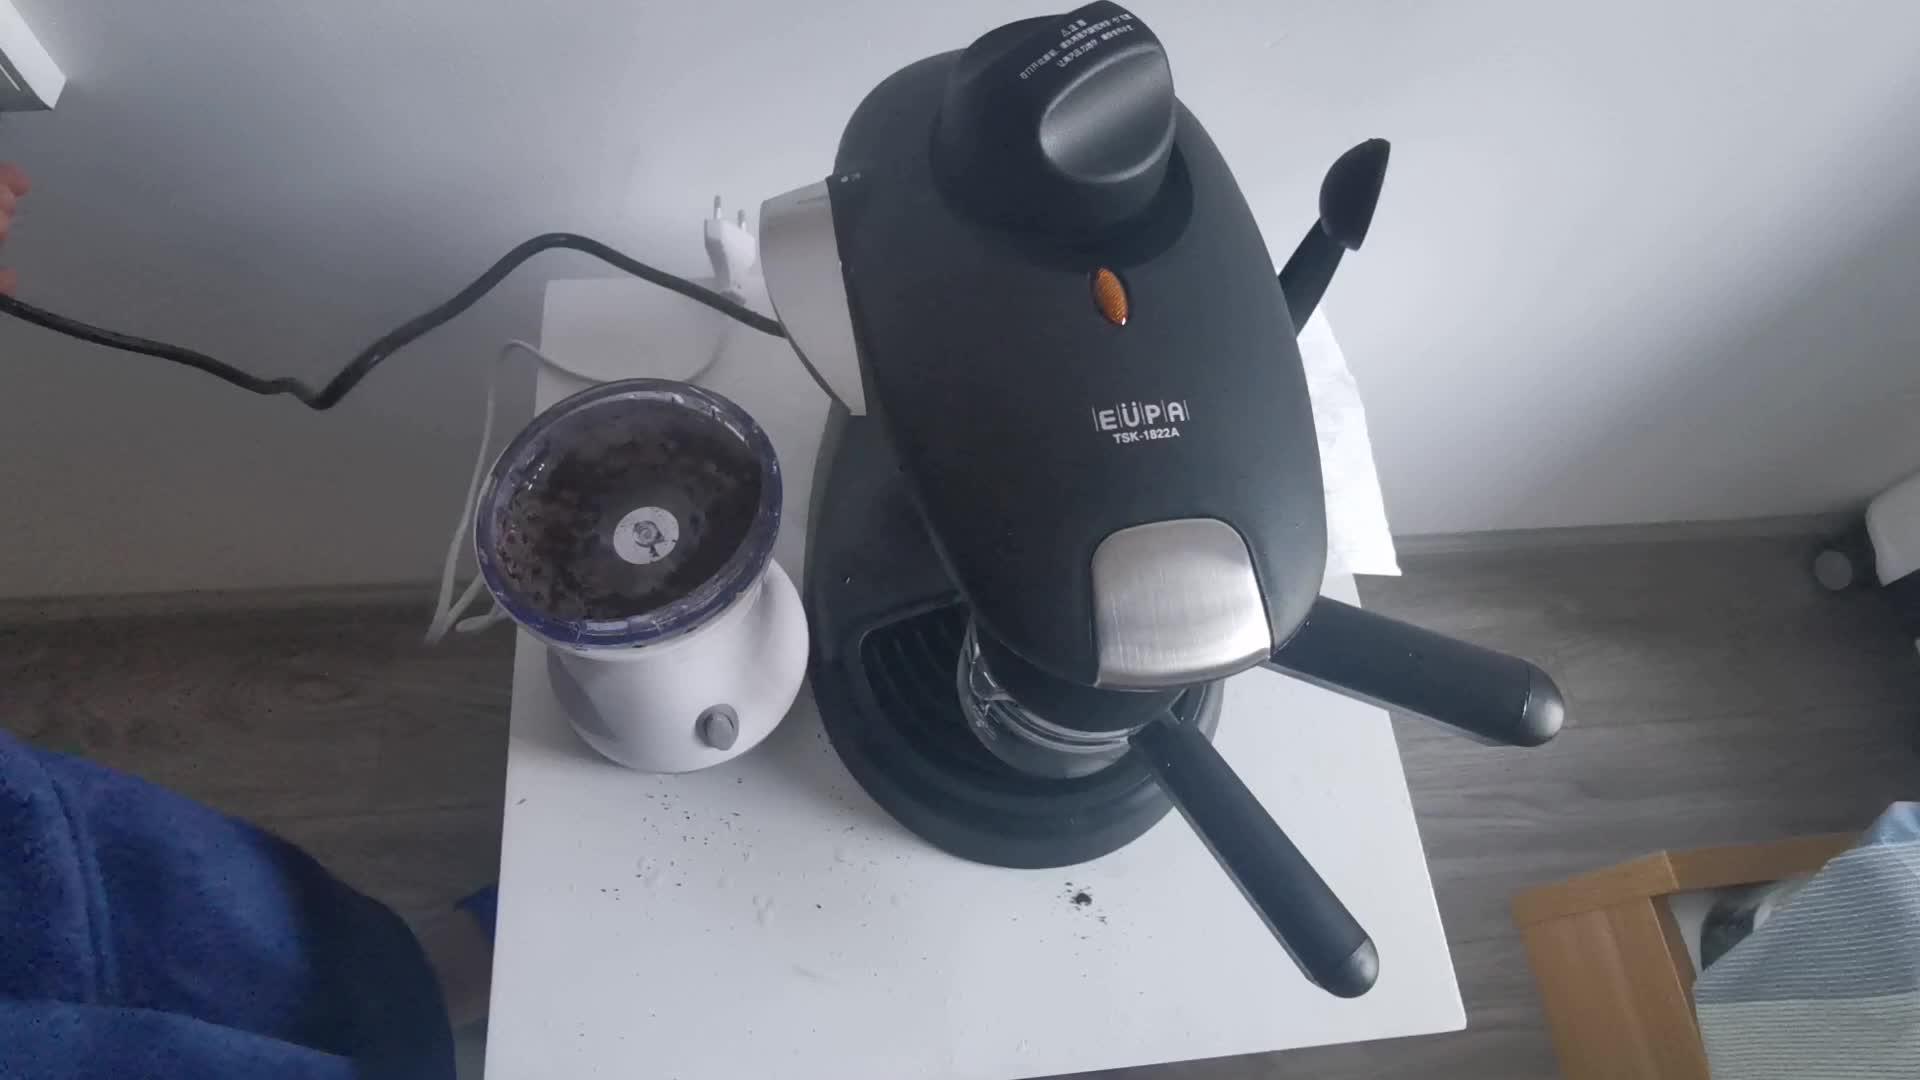 昆明小伙第一次自己做咖啡,可惜呀,还是不懂咖啡,浪费了咖啡机